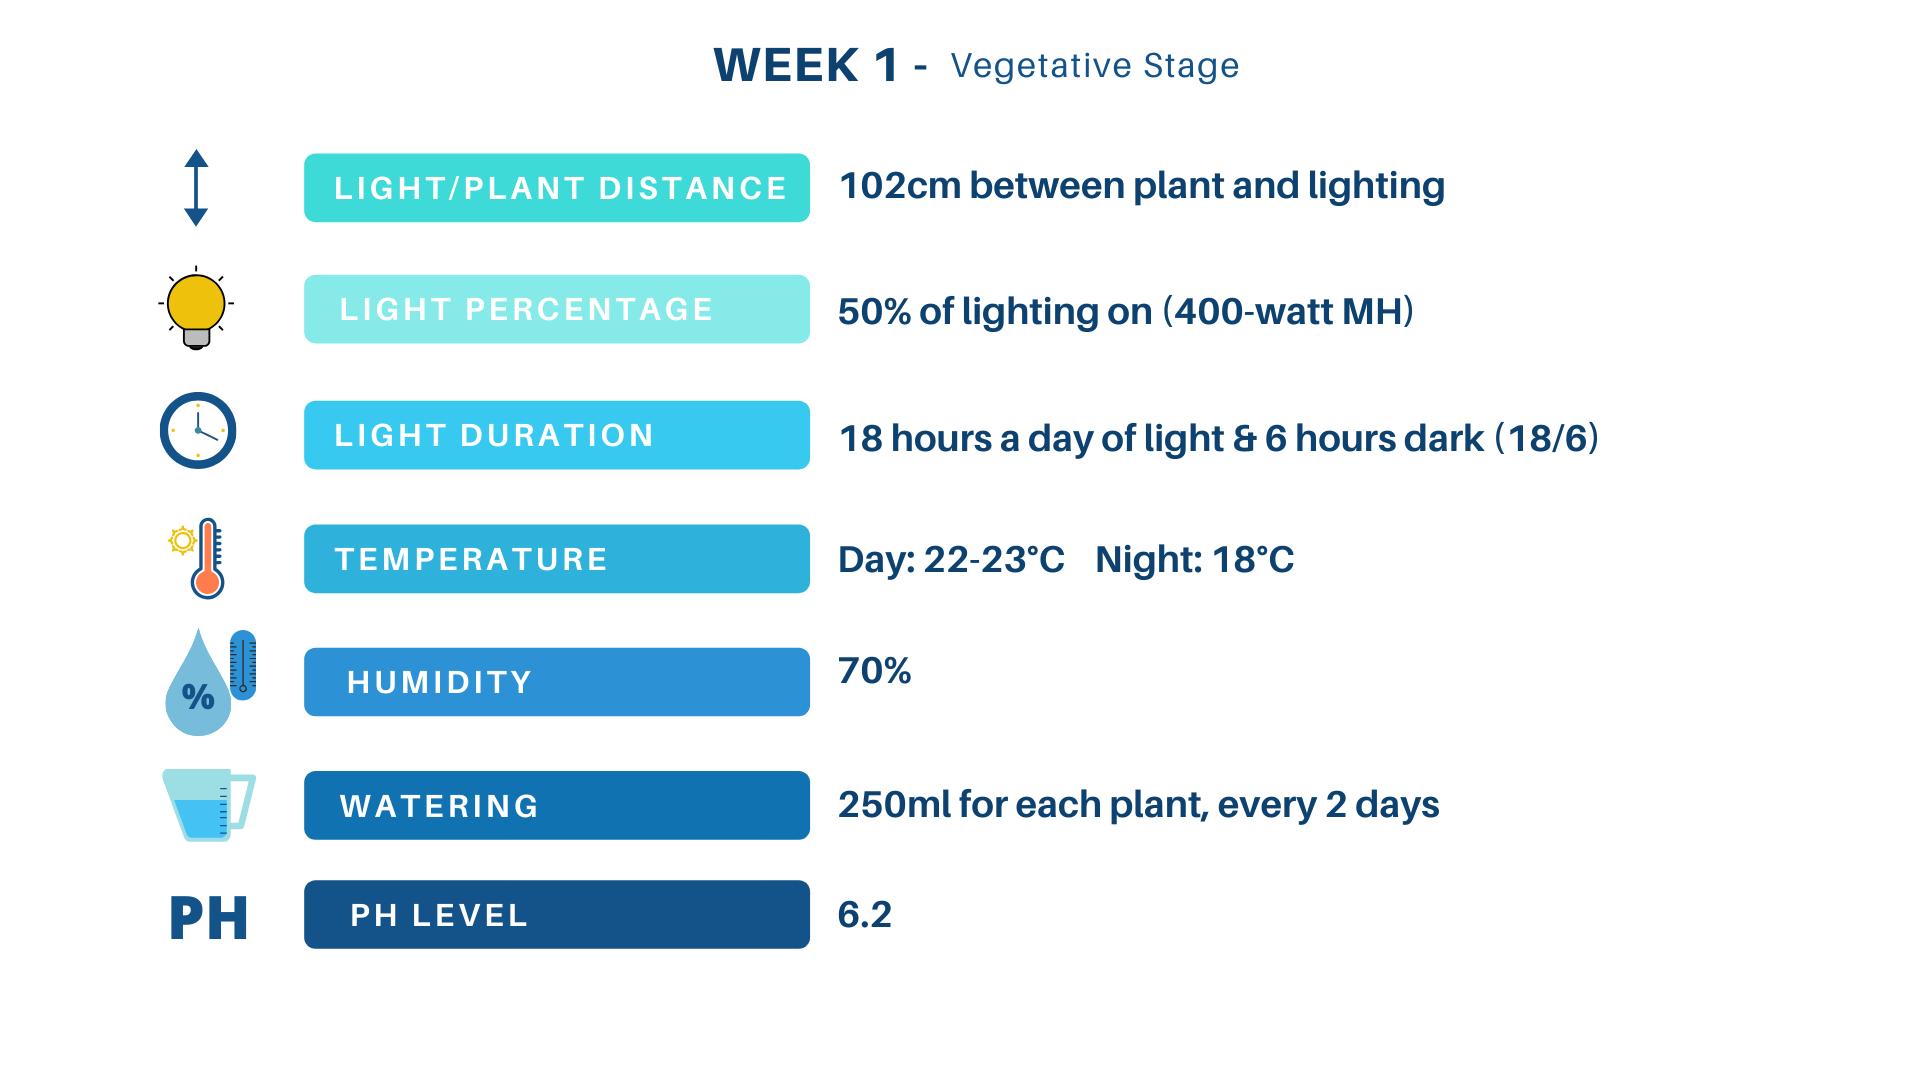 Grow schedule week 1 vegetative stage